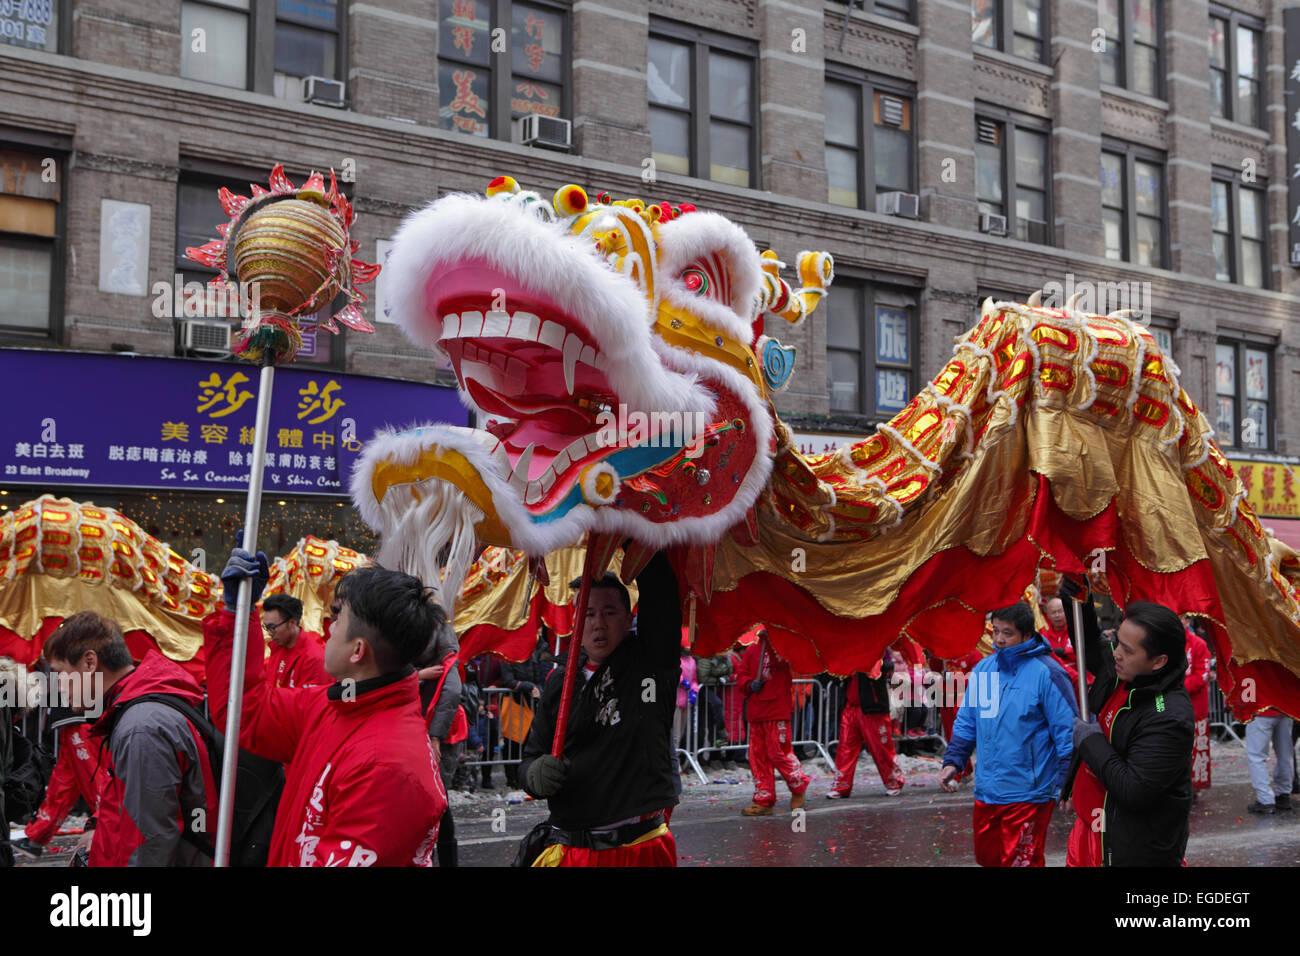 Drago Cinese ballerini festeggiare il nuovo anno lunare nella Chinatown di New York. Negozi lungo la East Broadway Immagini Stock